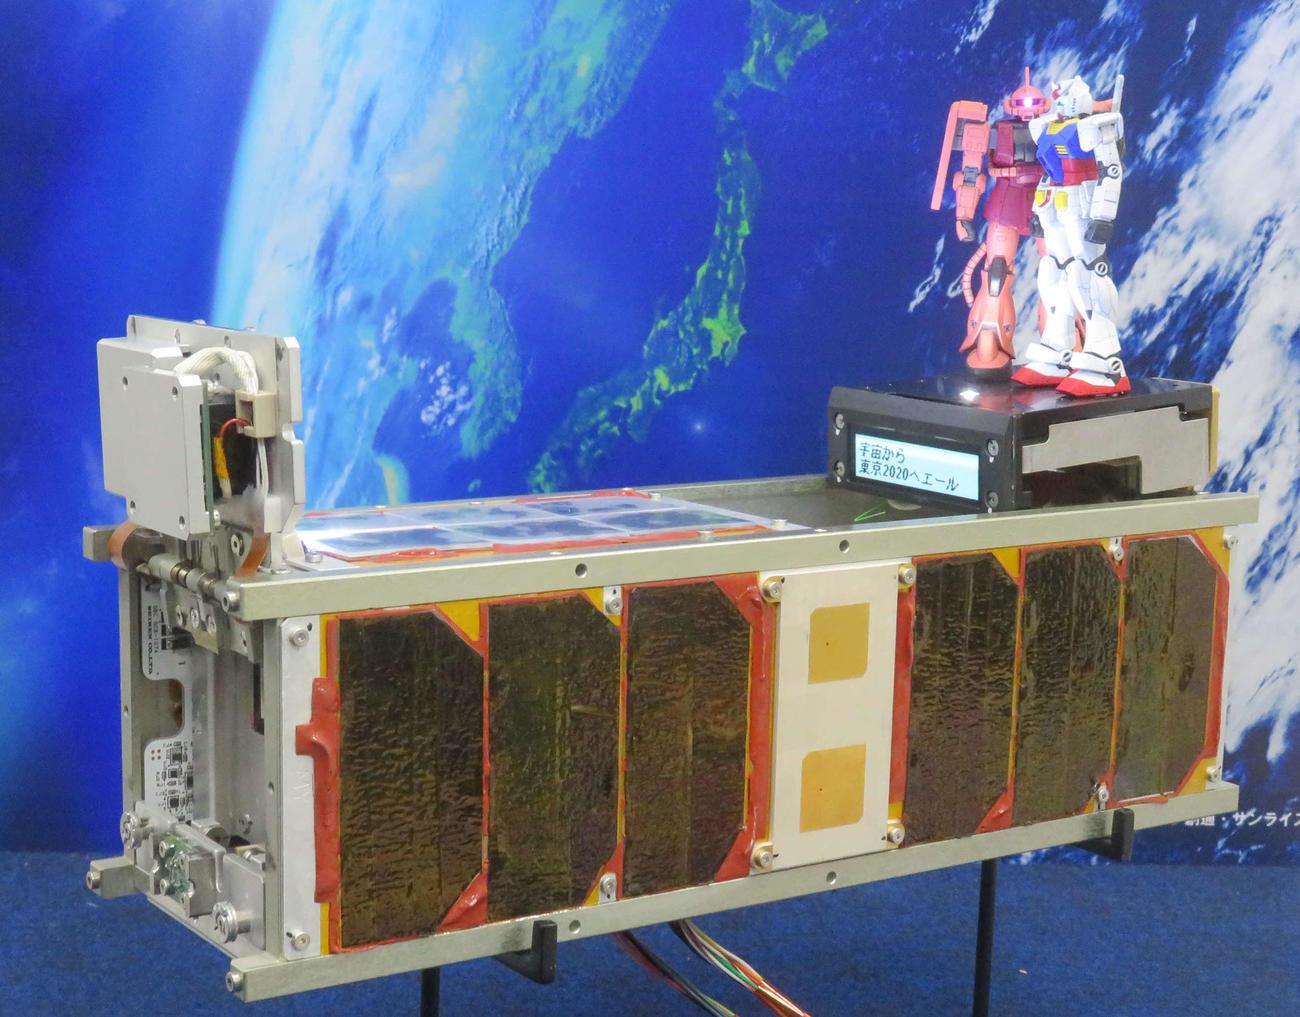 超小型衛星「G-SATELLITE」と、搭載された「ガンダム」と「シャア専用ザク」の模型(2019年12月3日)